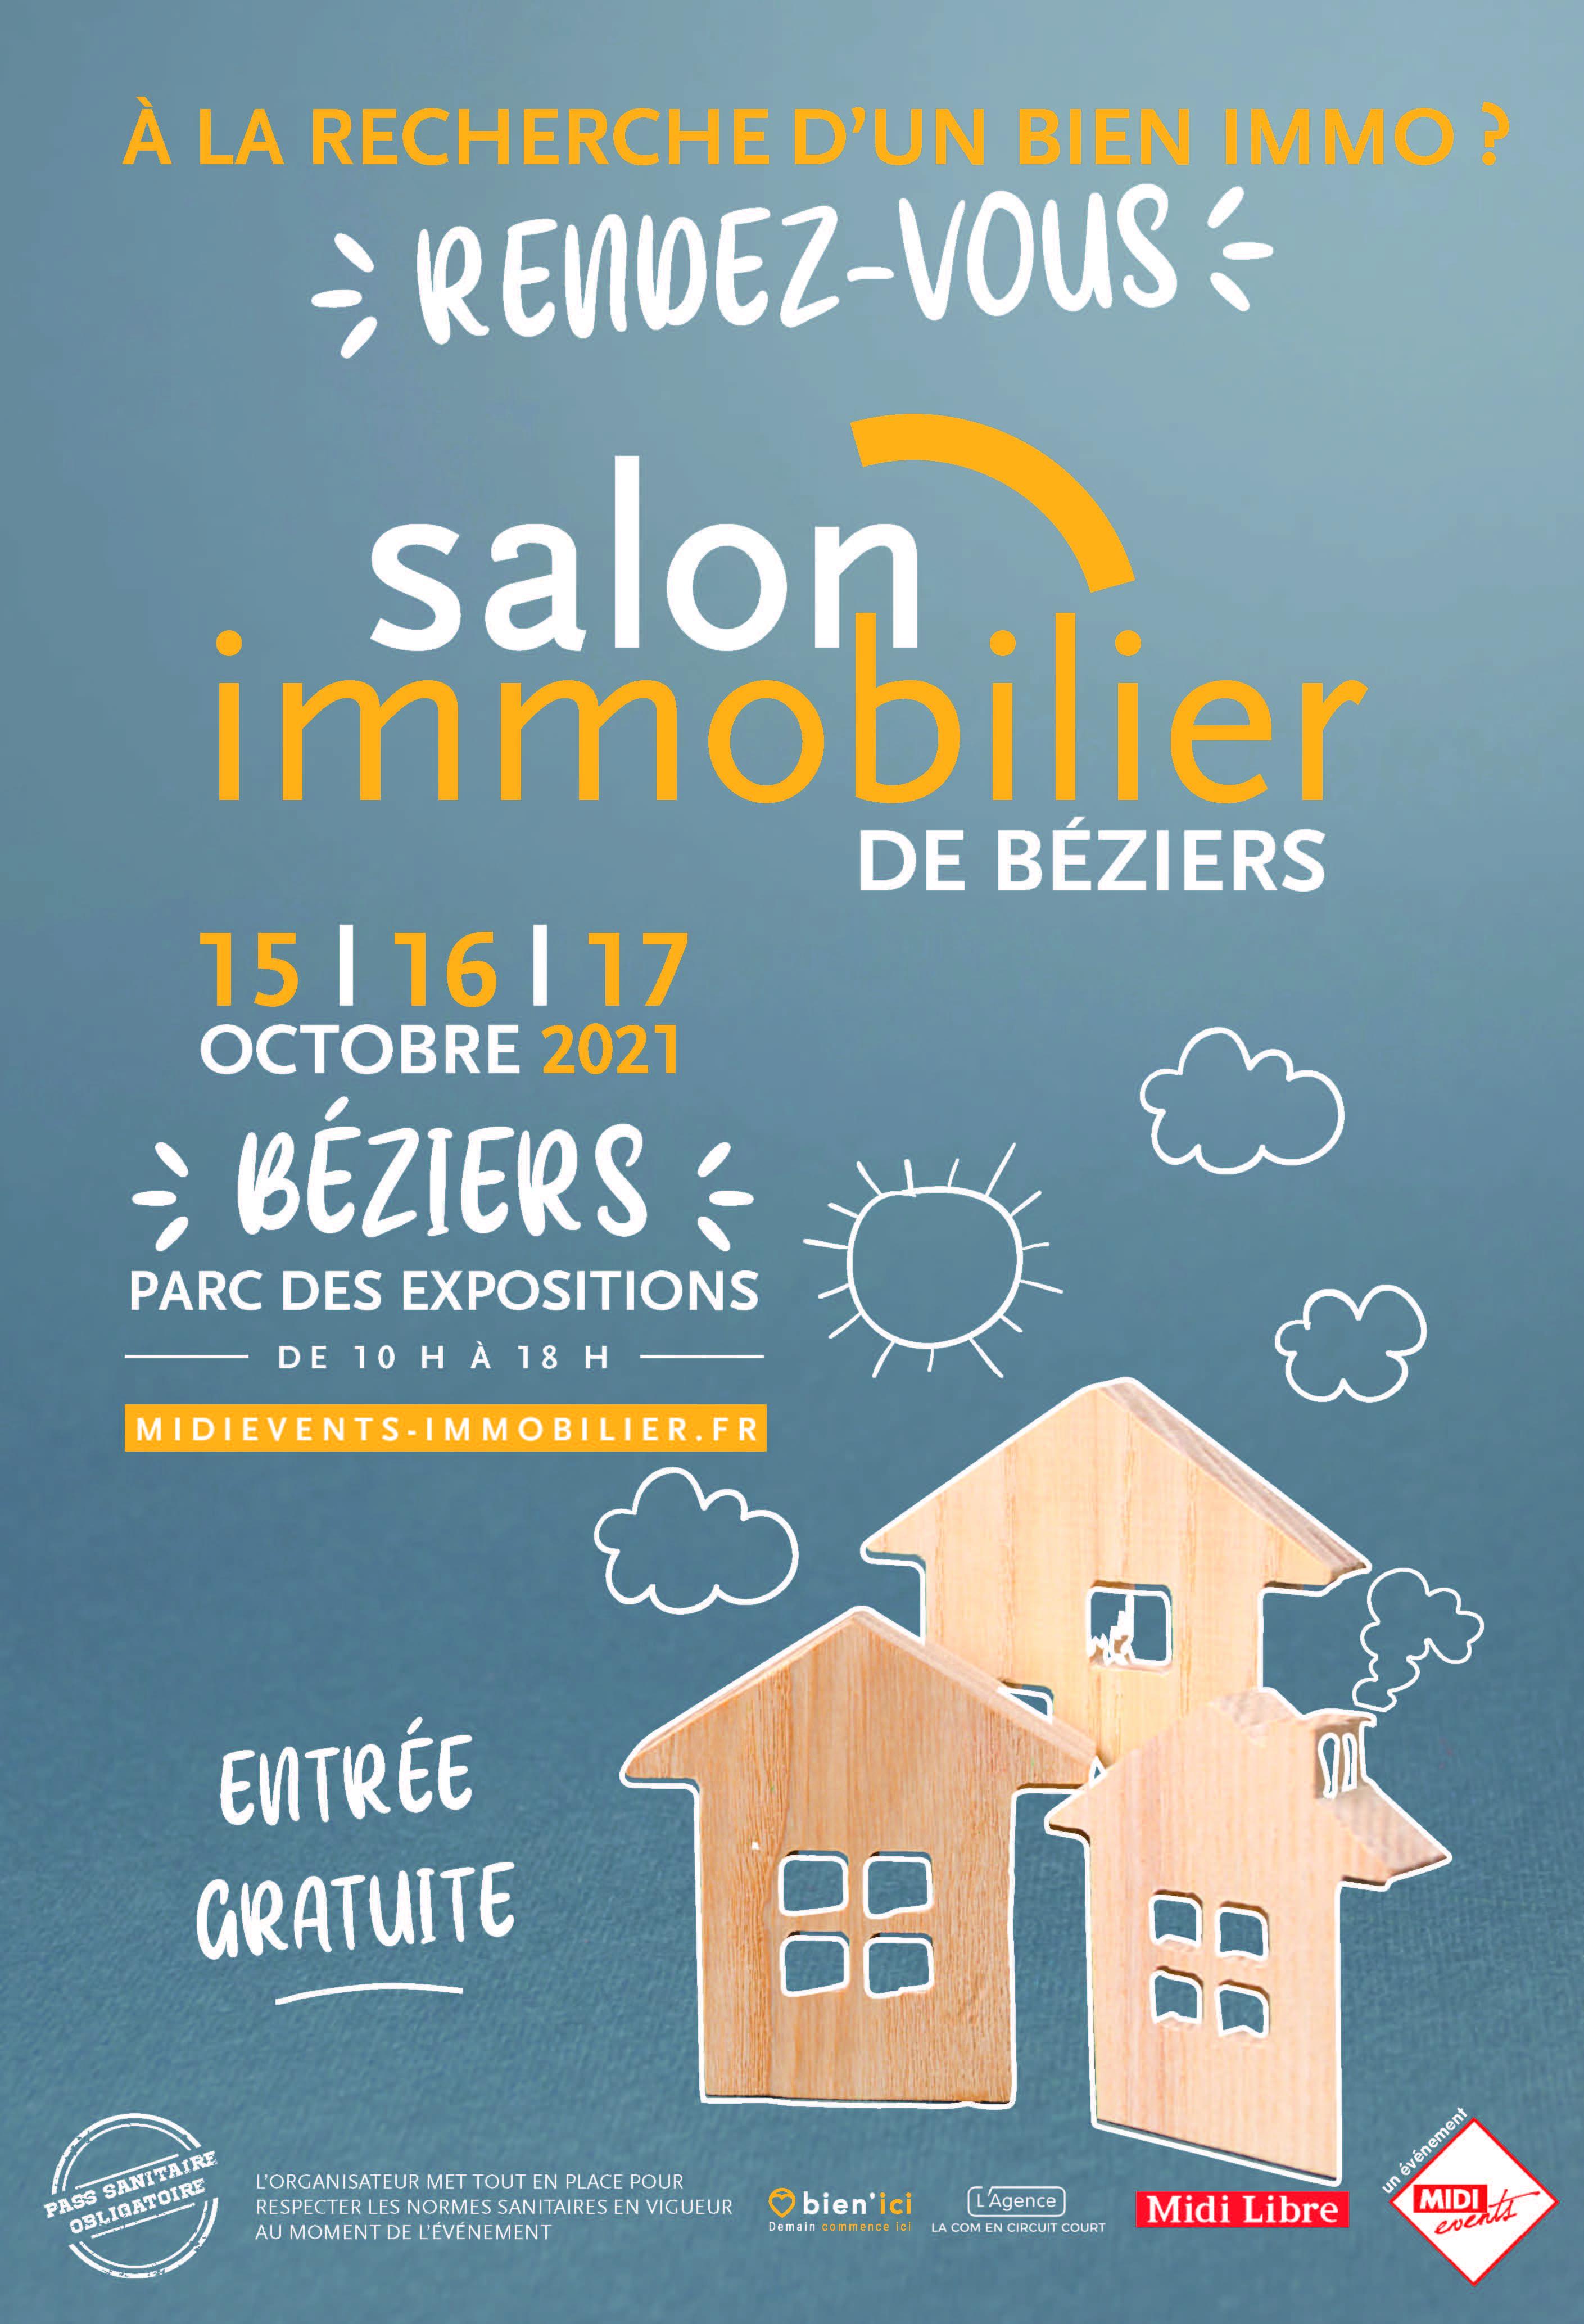 Salon immobilier Beziers